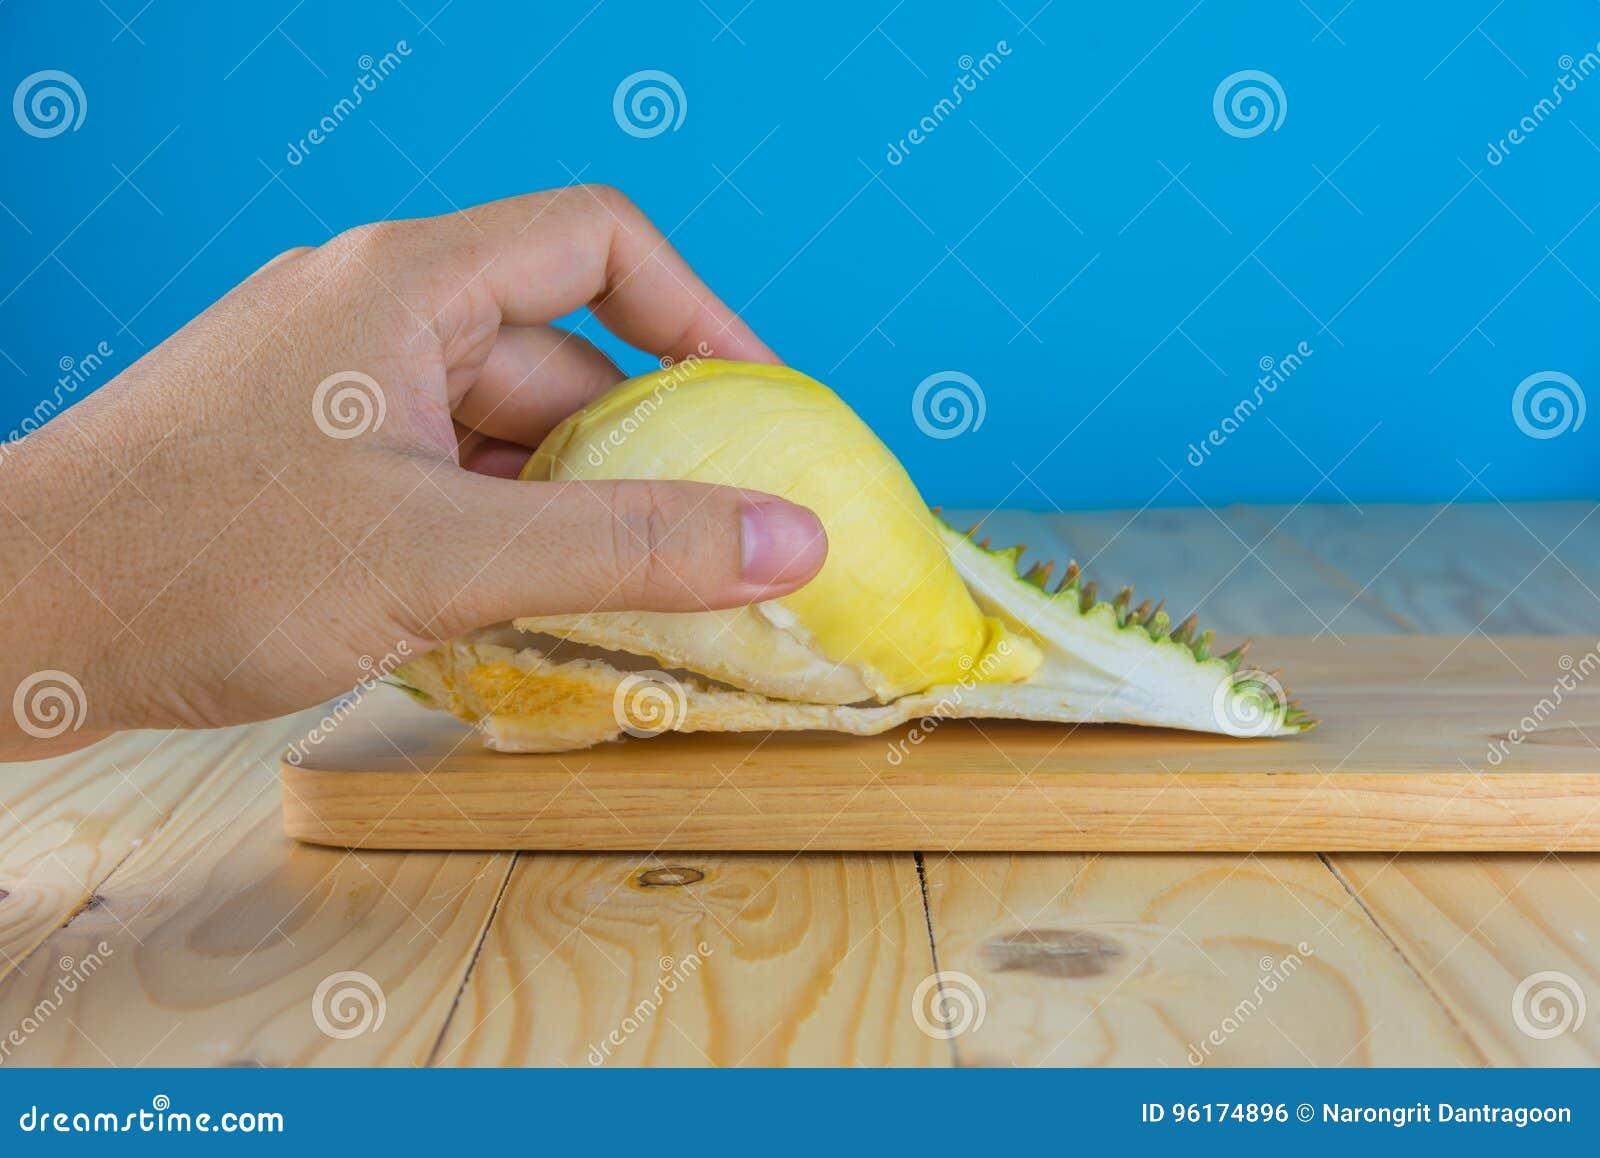 Ręka chwyta durian braja